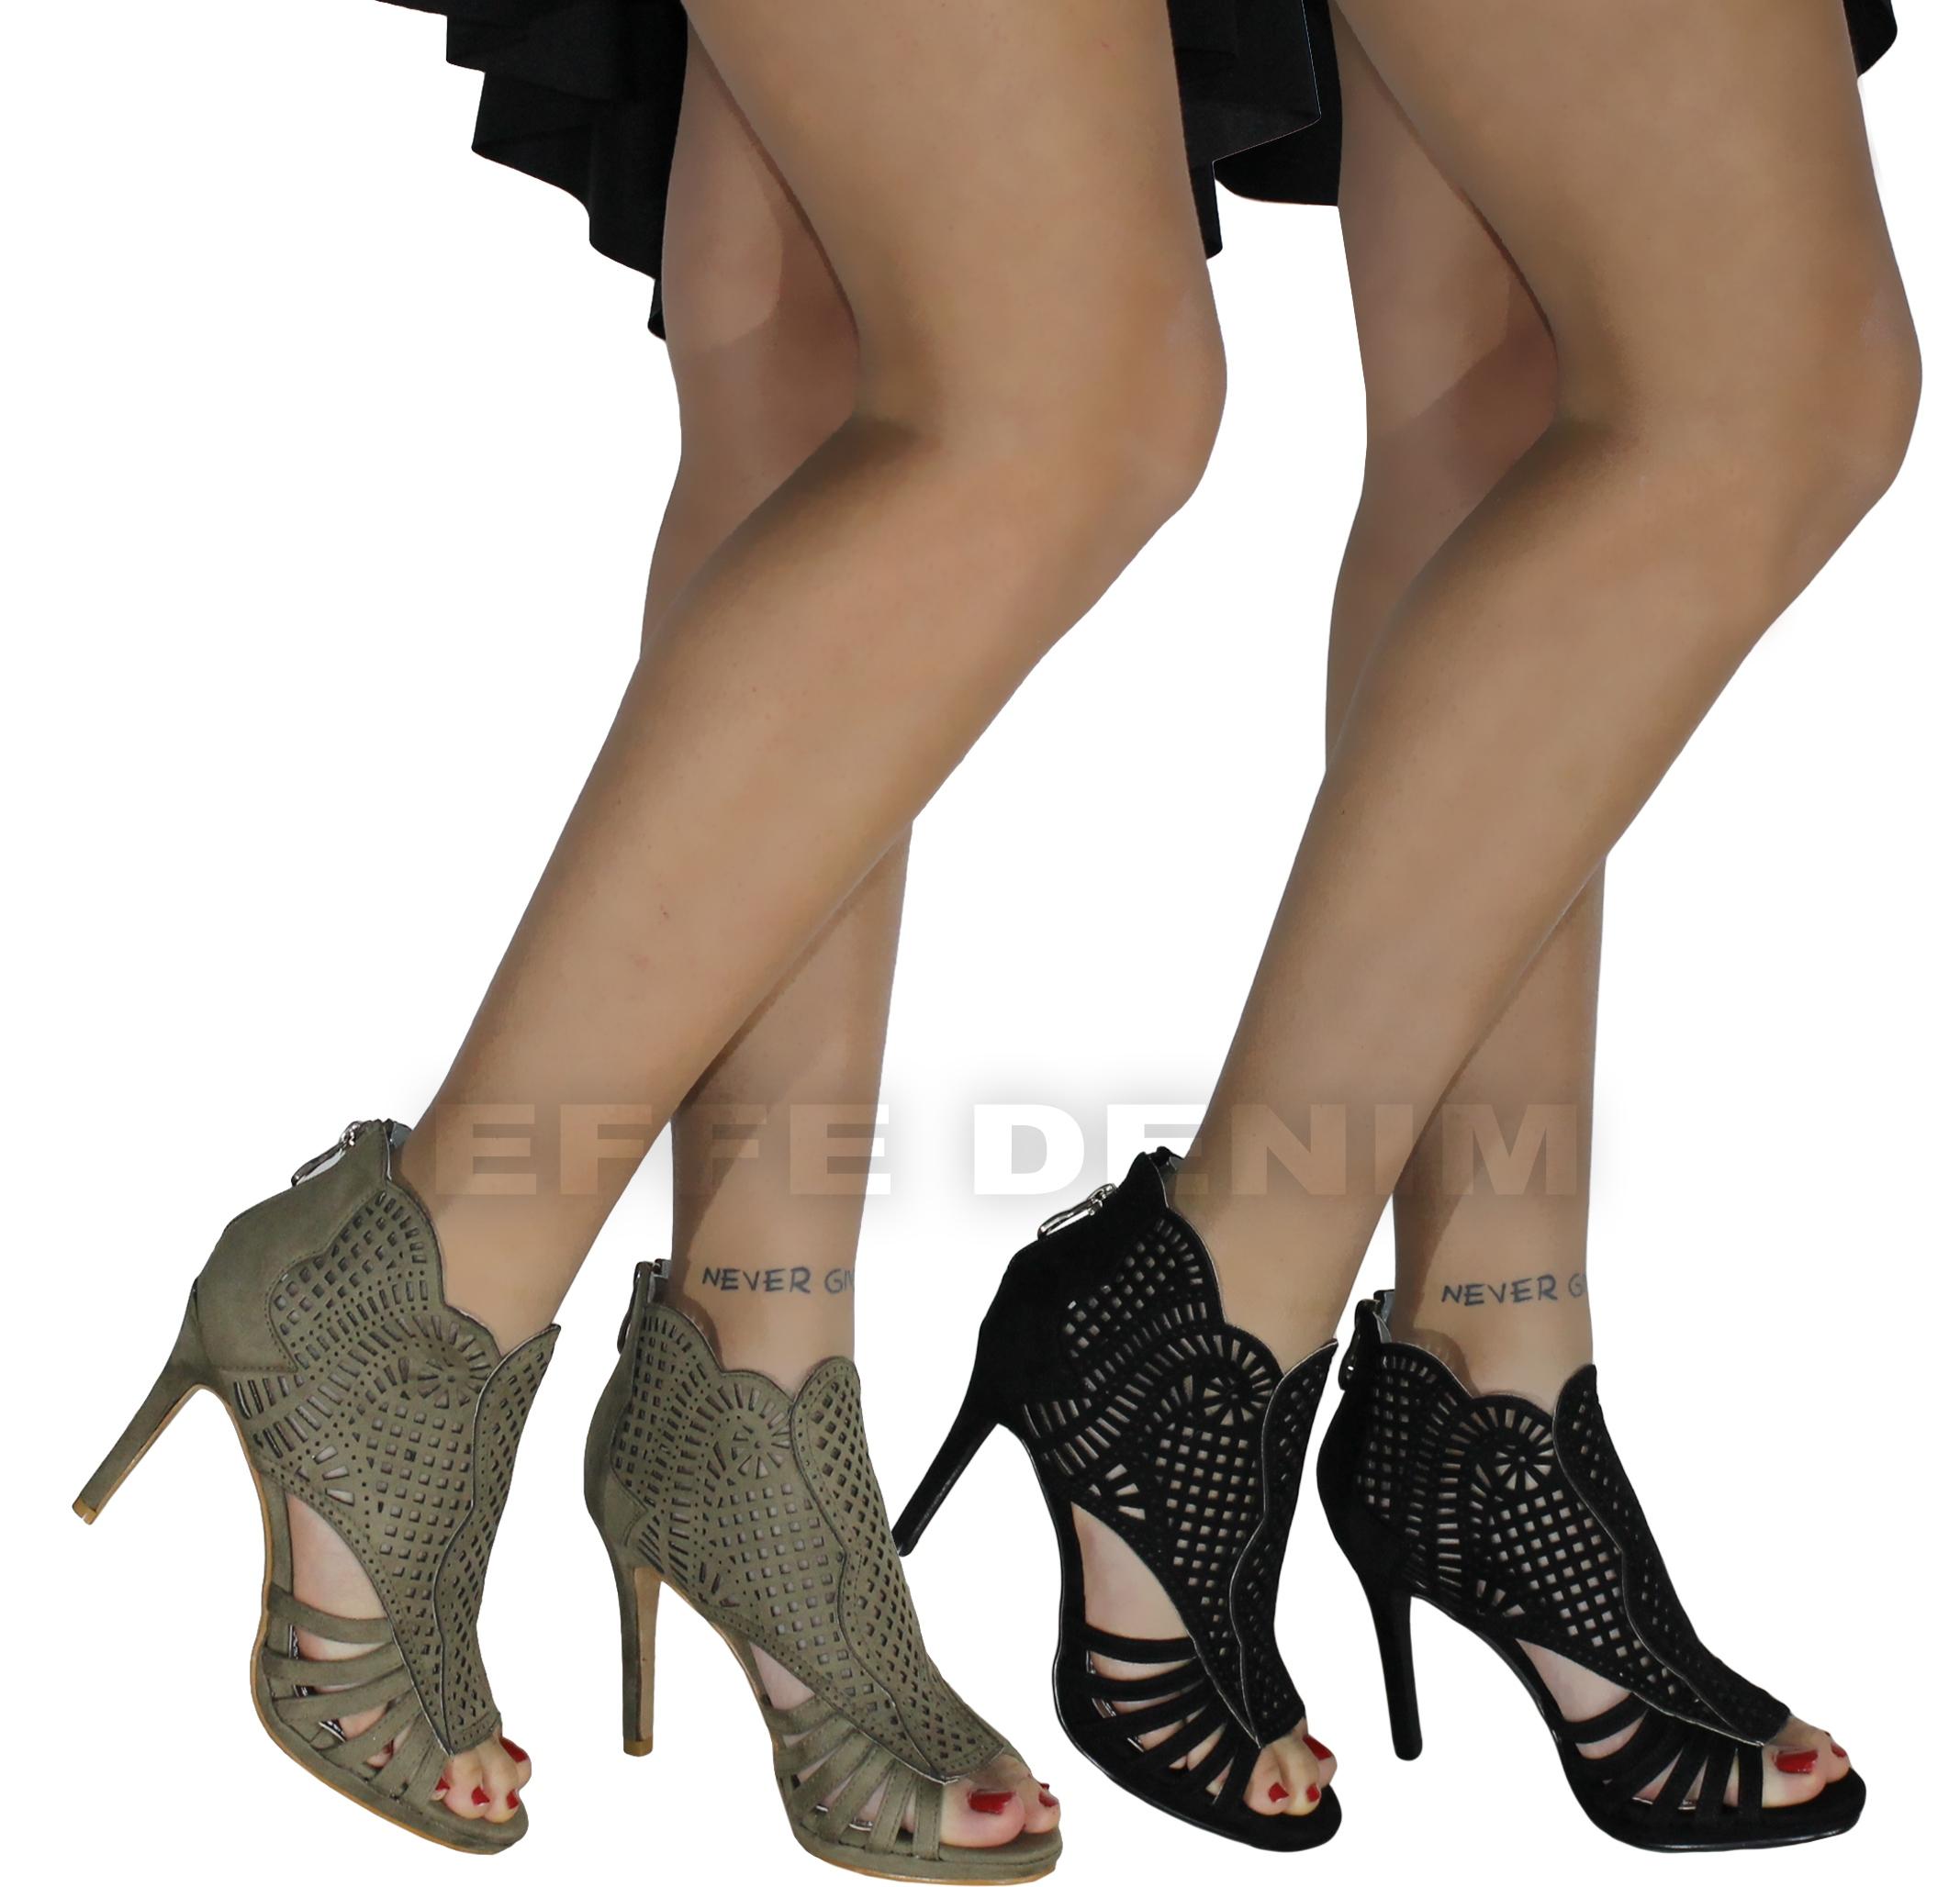 00cb012fa9 Dettagli su Scarpe Donna eleganti Sandali Traforati decoltè Tacco Alto  spuntate sexy 335